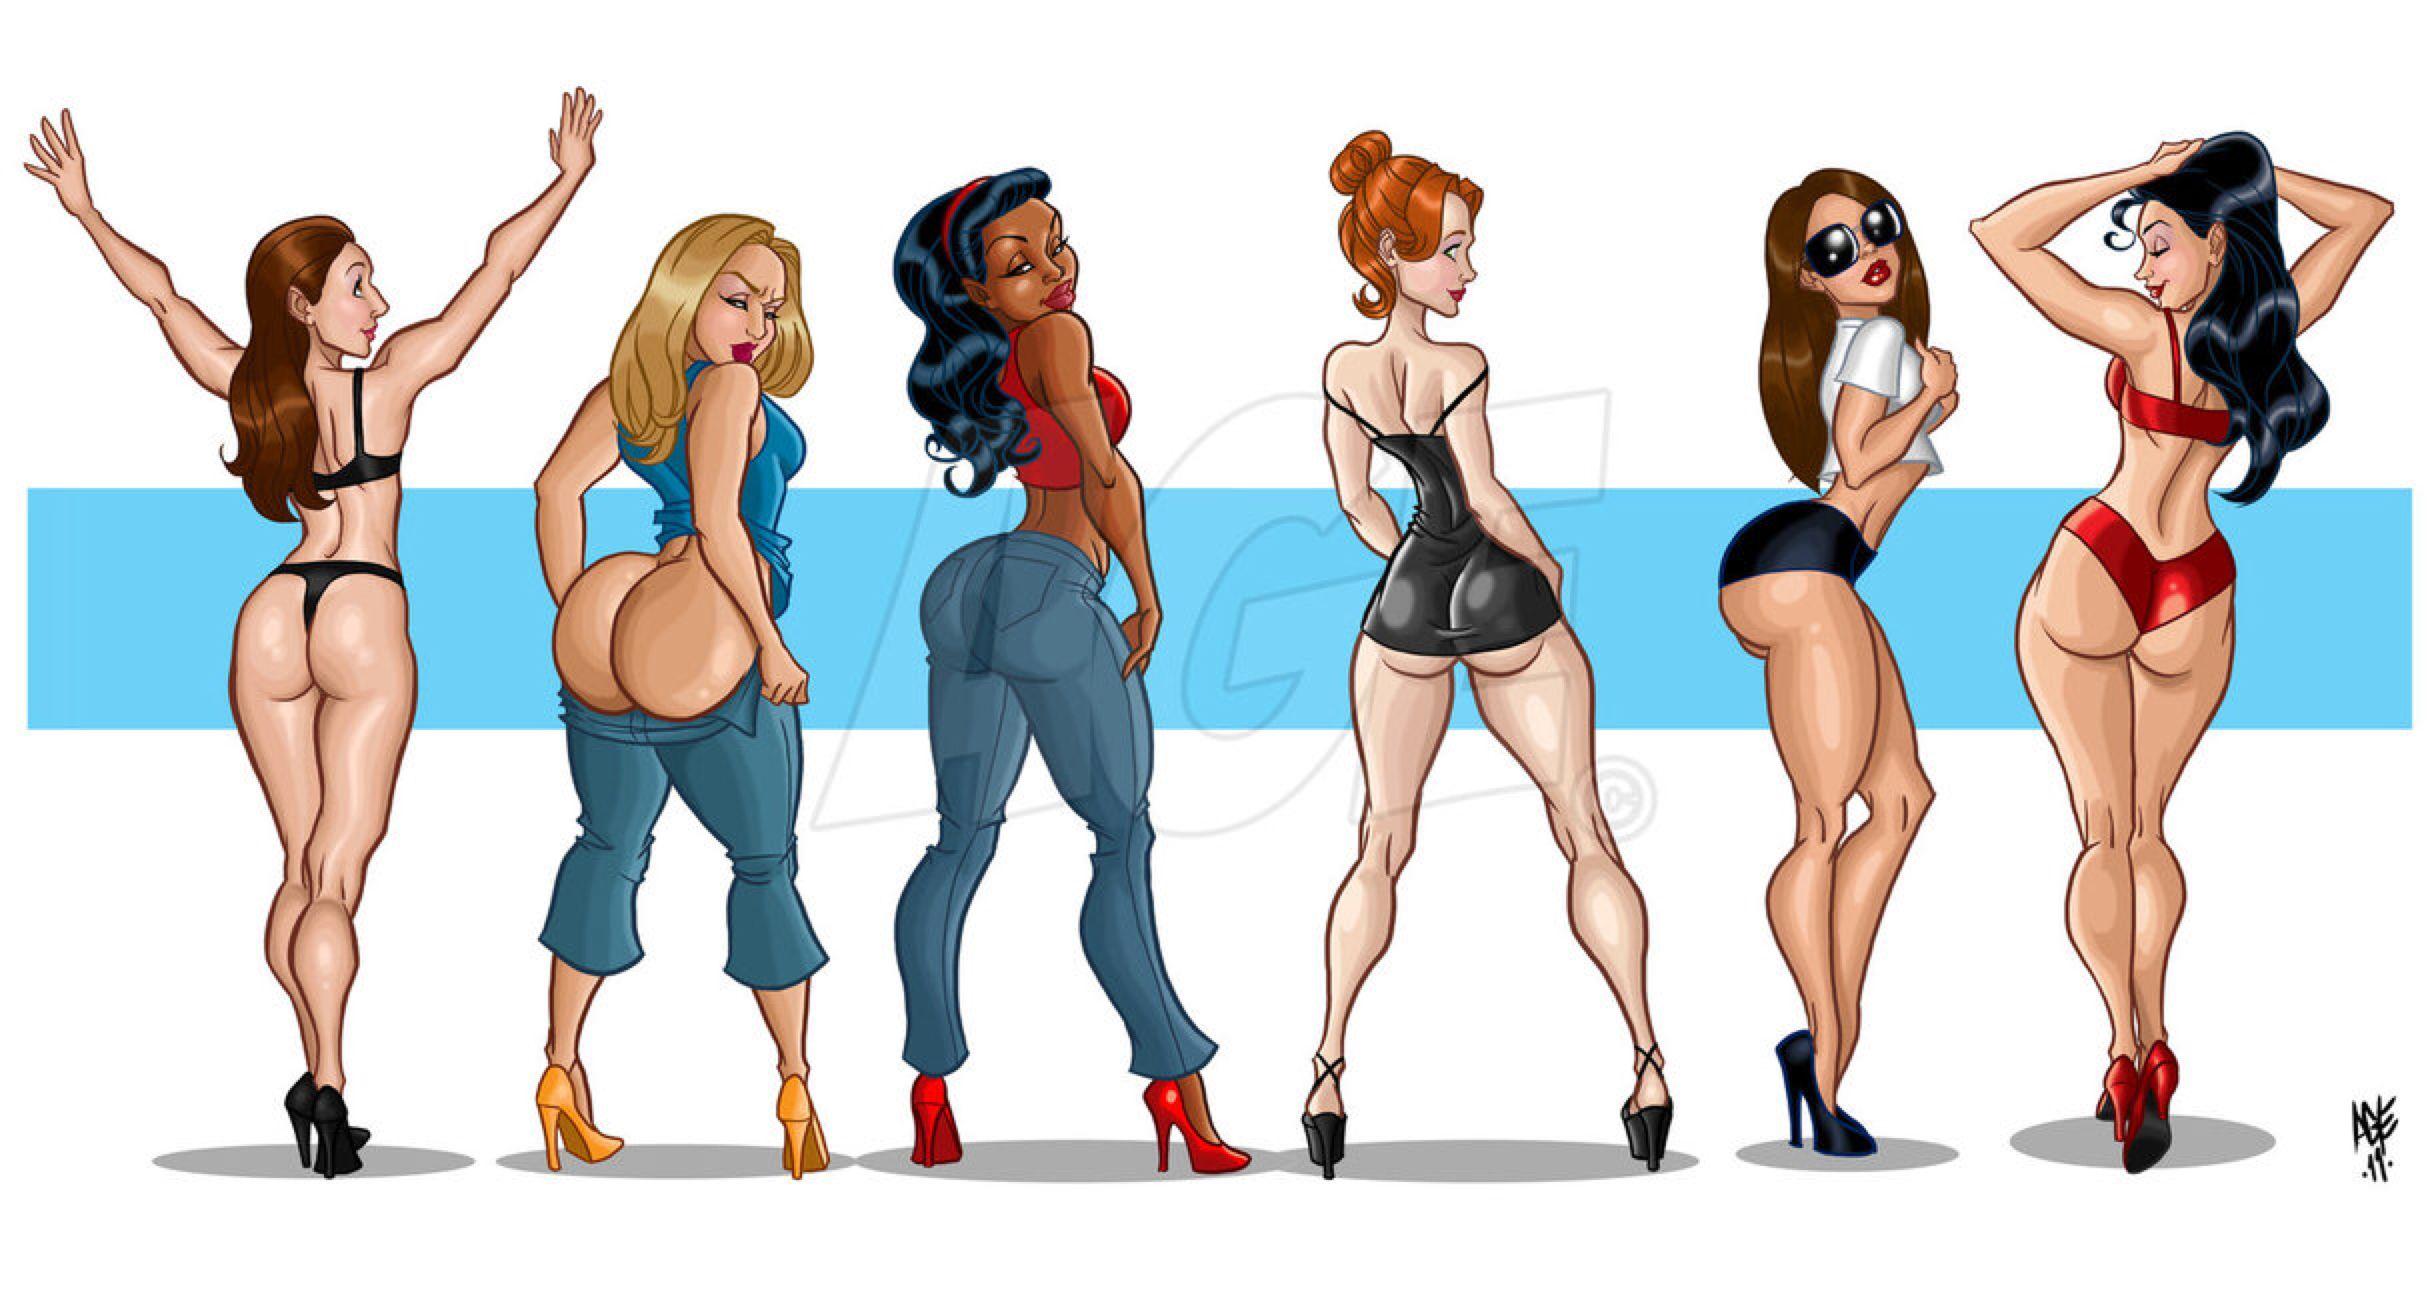 Incest artworks mom big ass porn comics-29658